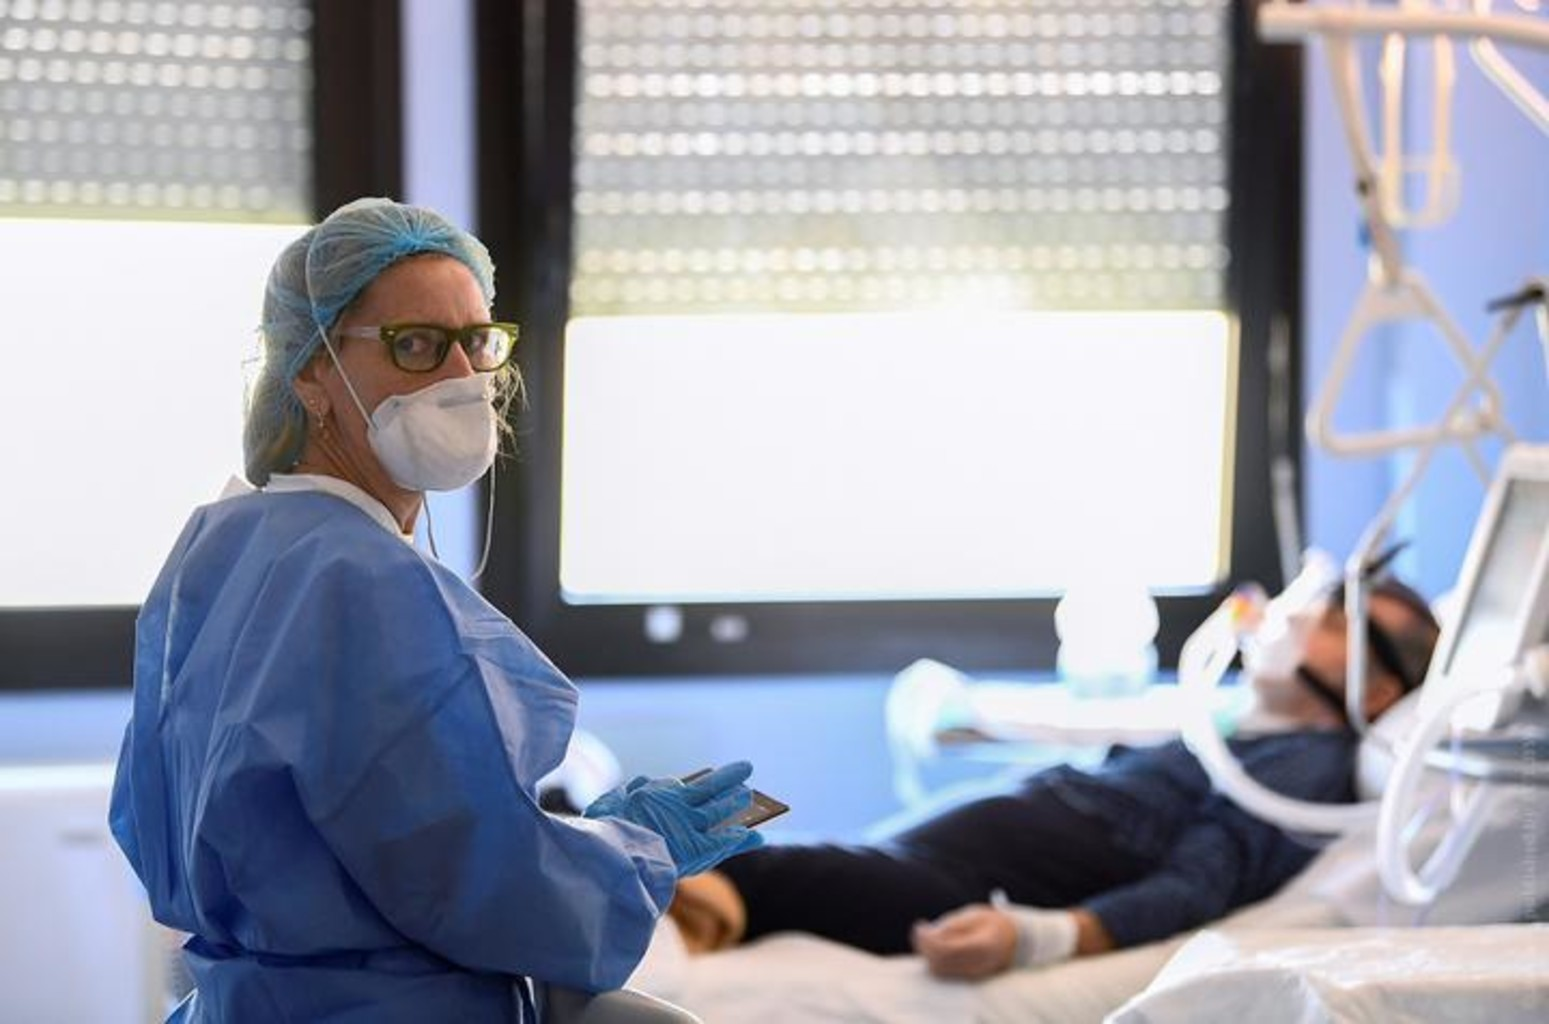 Medik maska koronavirus italiya pandemiya